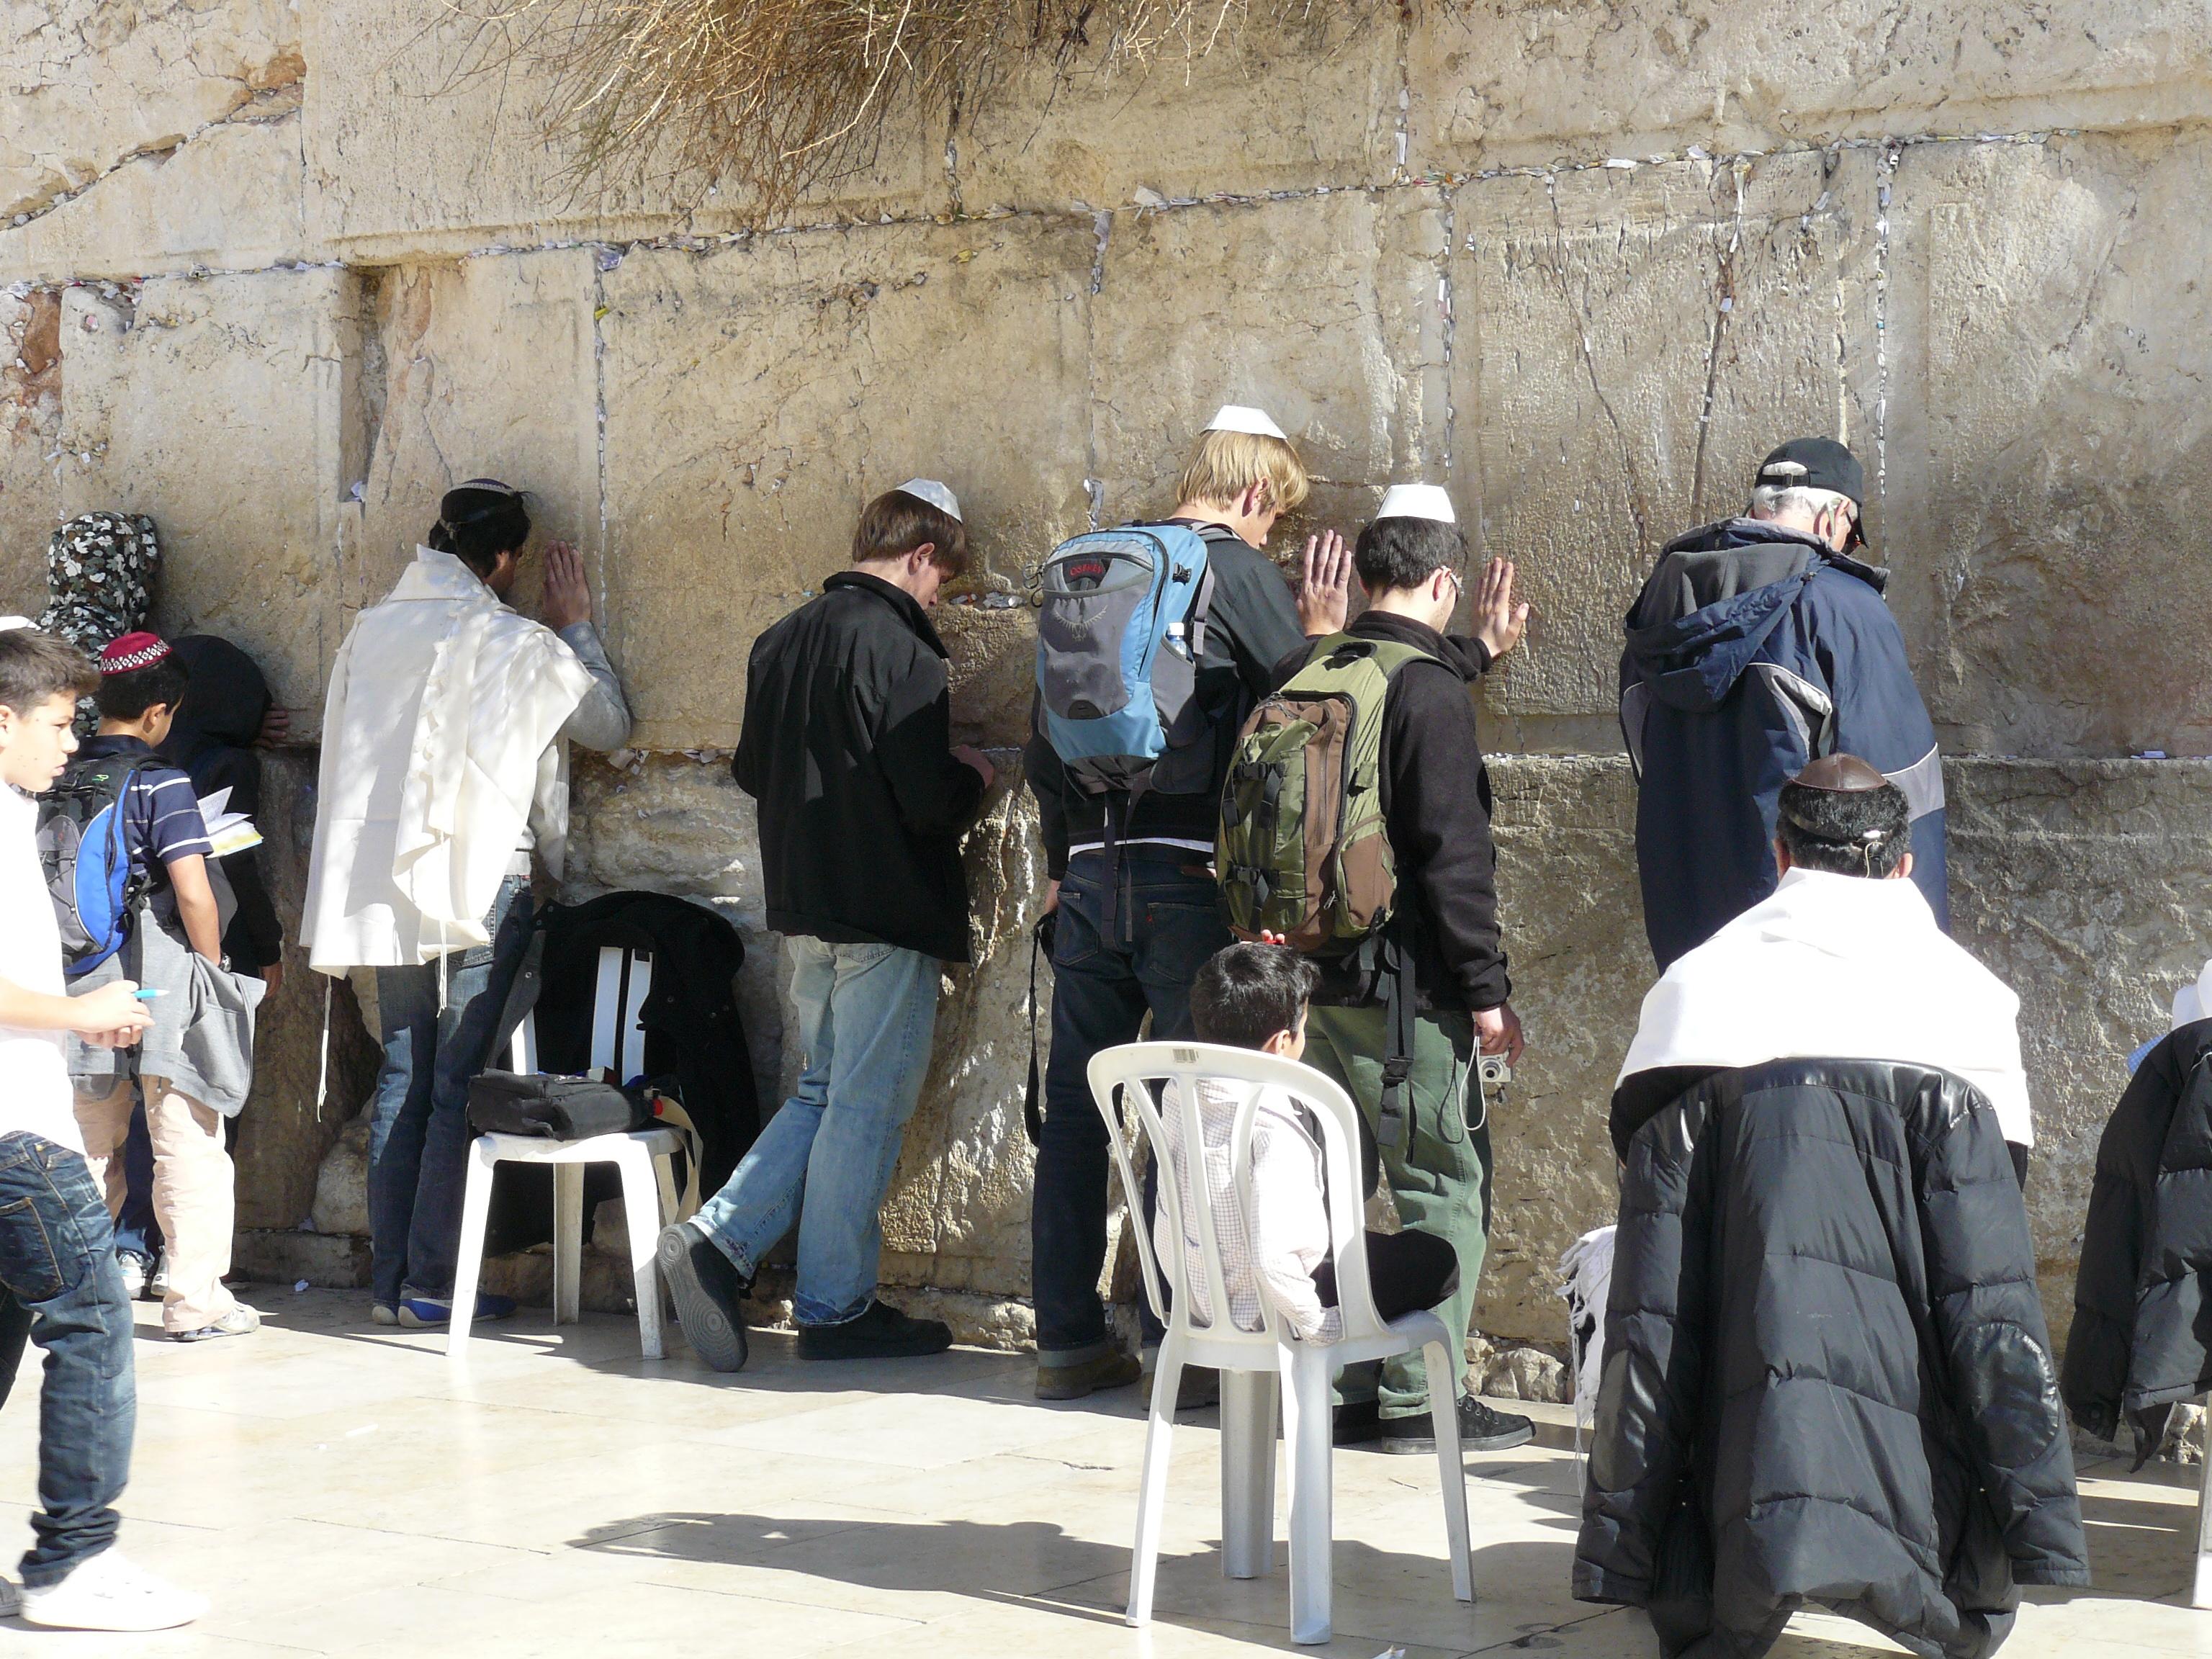 Luca Errera, Daniela Trastulli, Israele, Gerusalemme, muro del pianto